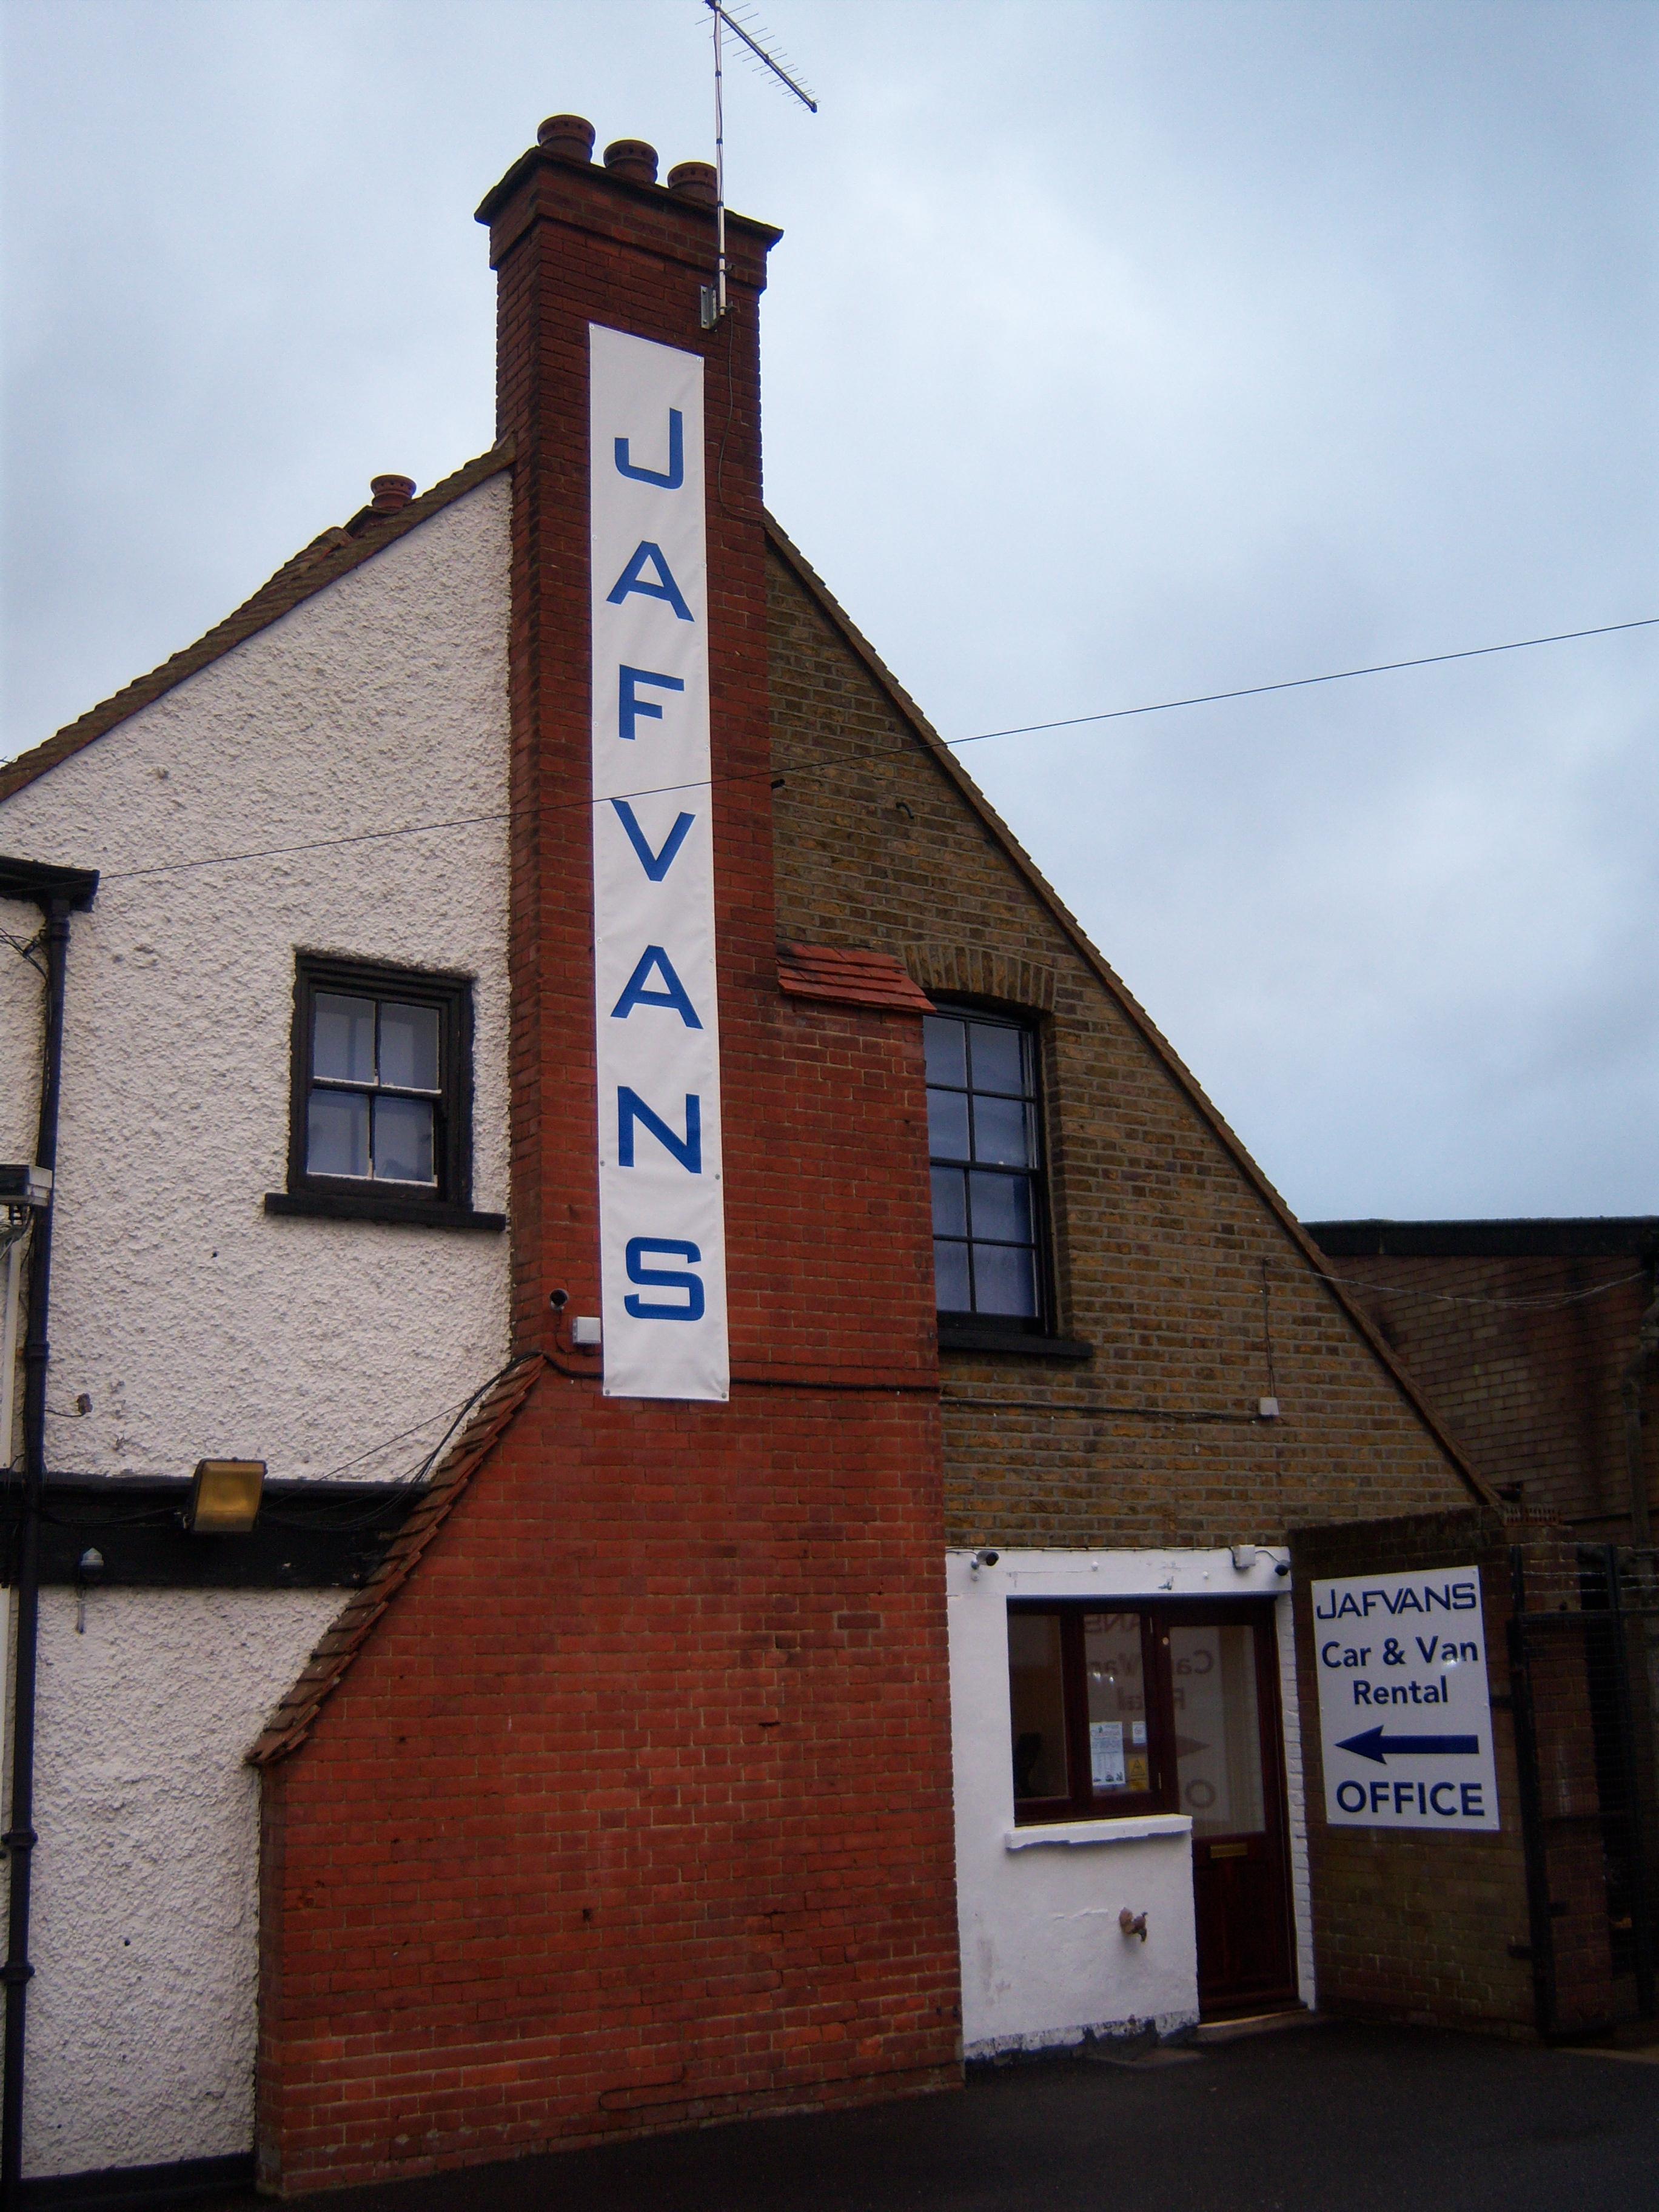 Jafvans Rentals Office in Ruislip